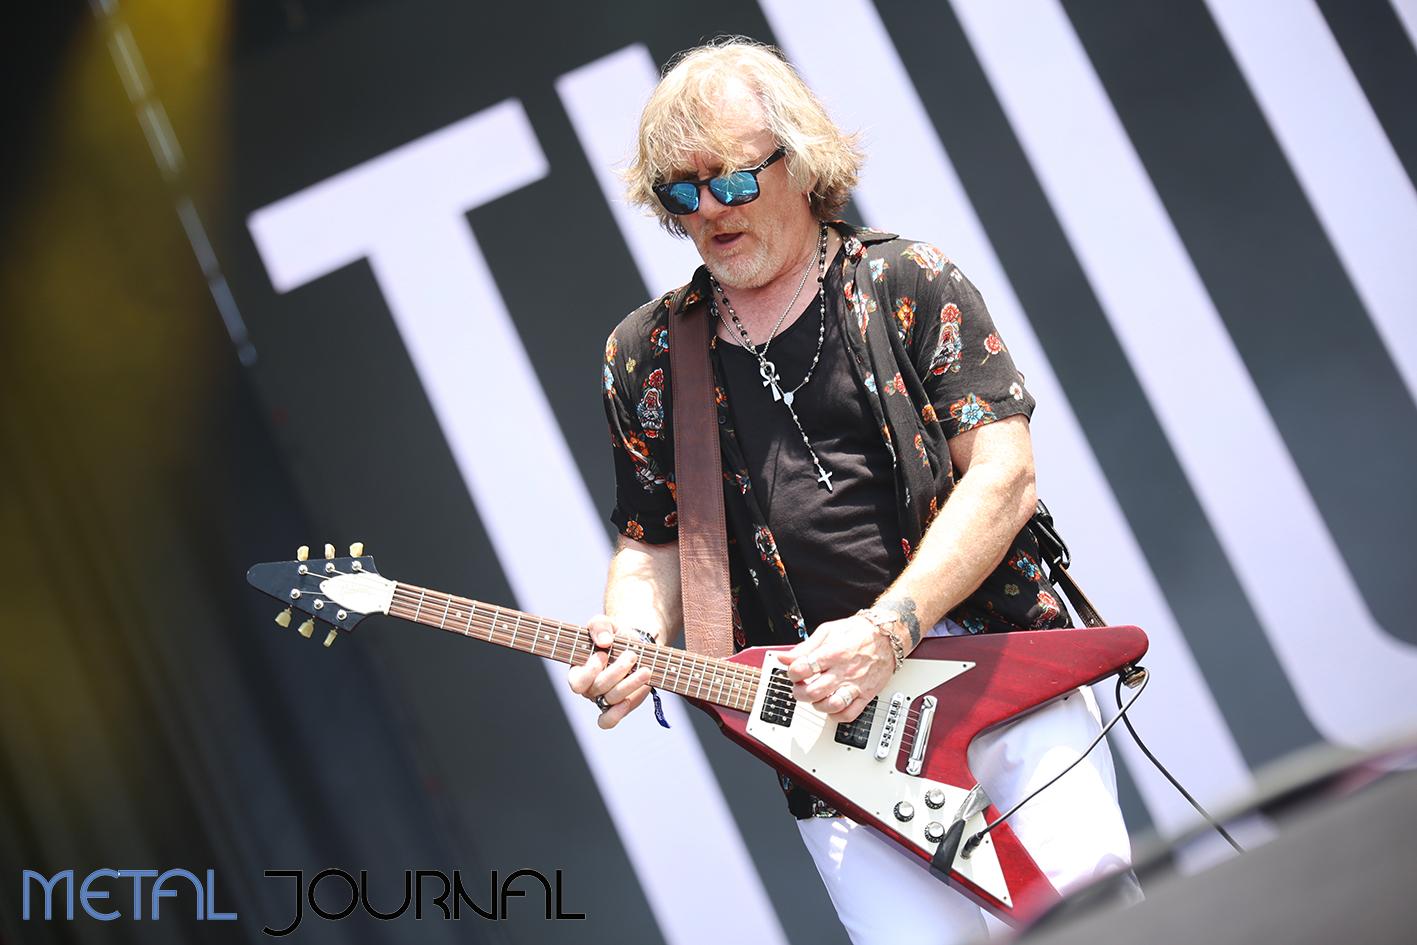 thunder - metal journal rock fest barcelona 2019 pic 5